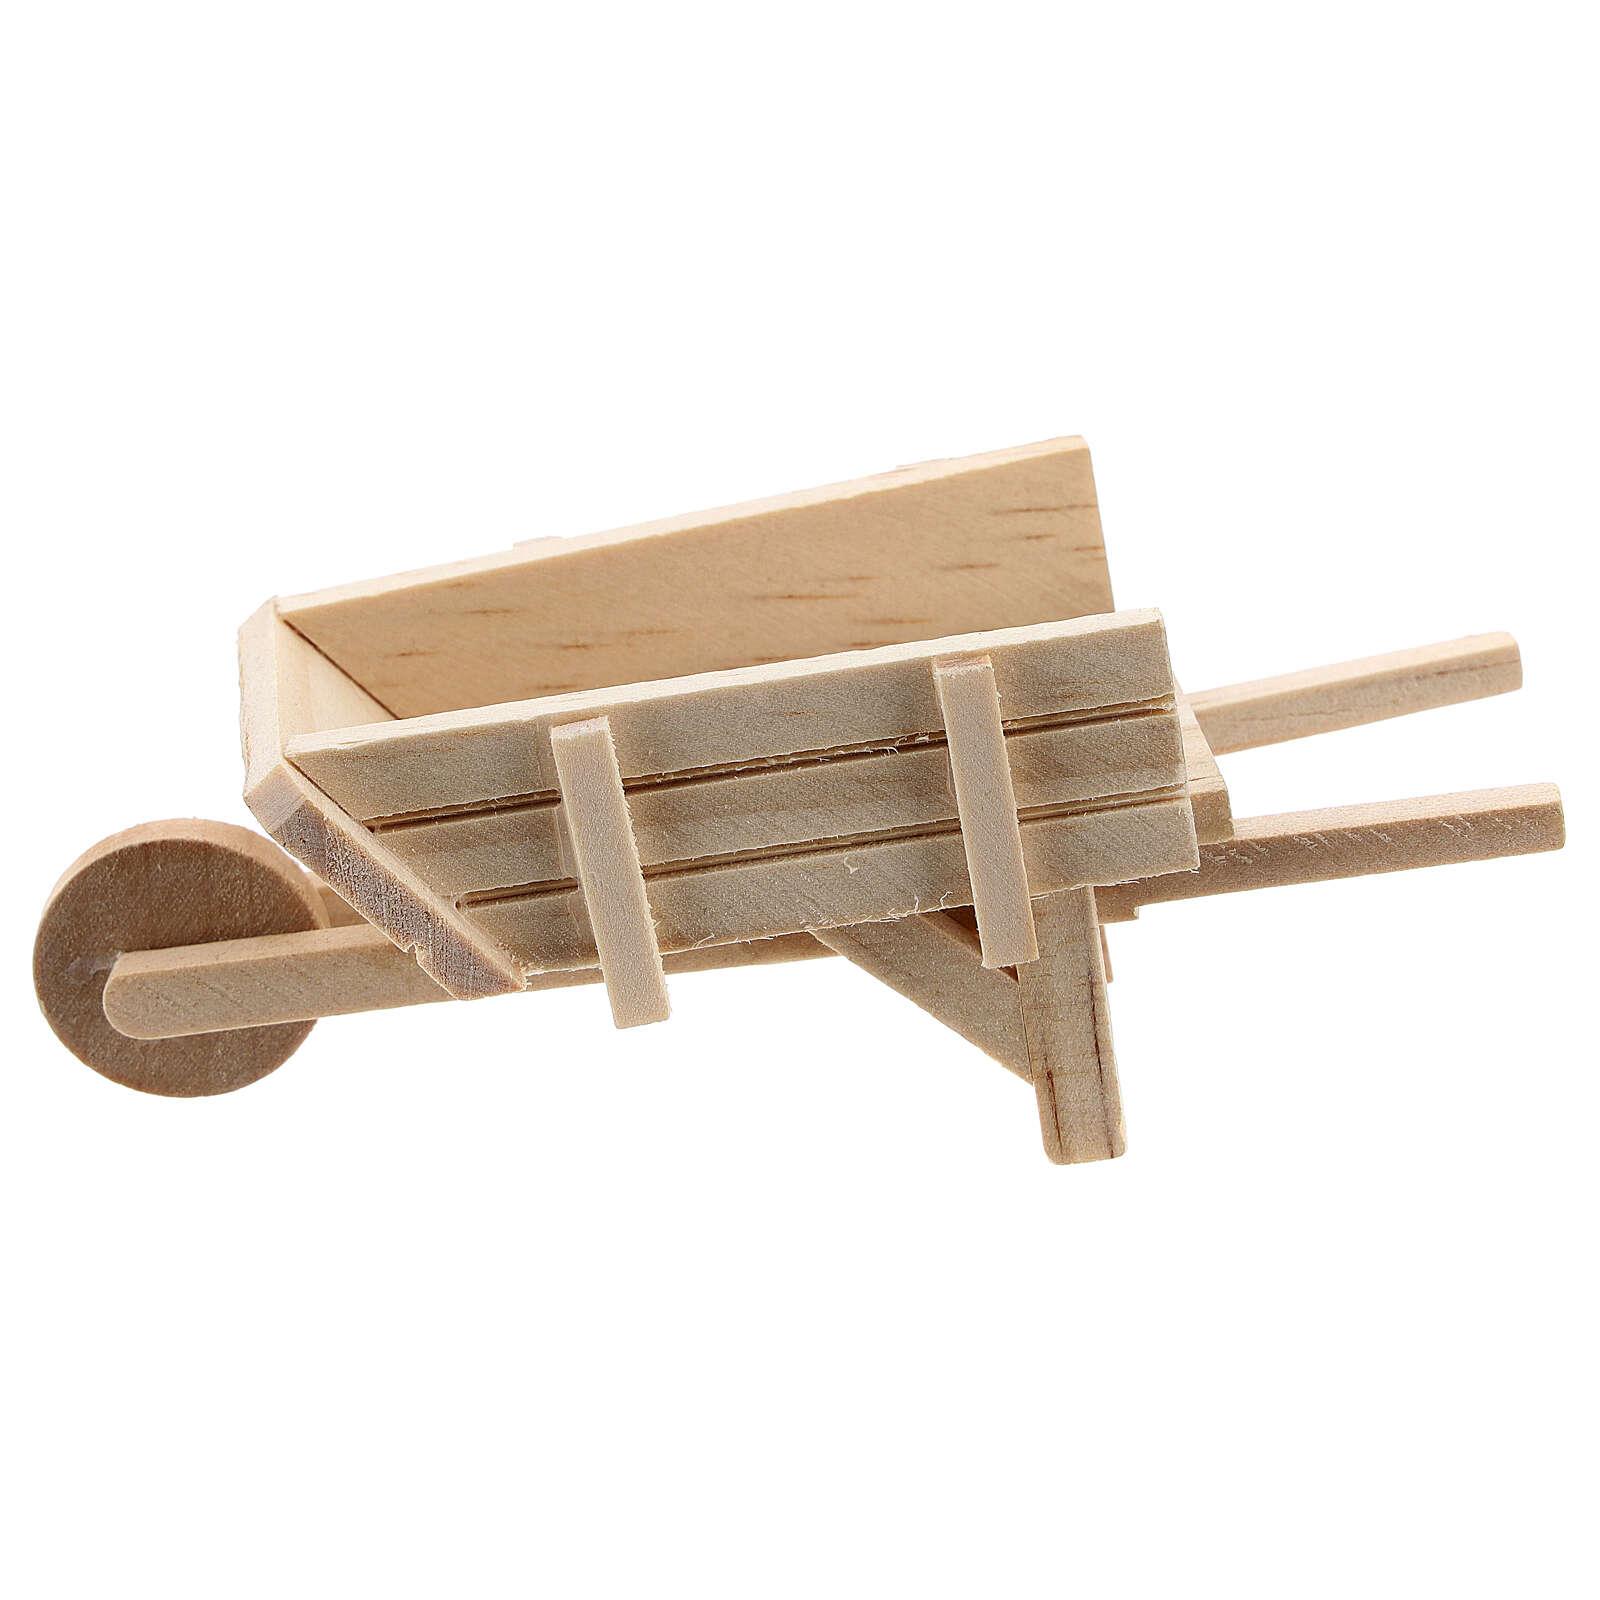 Carrinho de mão madeira clara para presépio com figuras altura média 10 cm 4